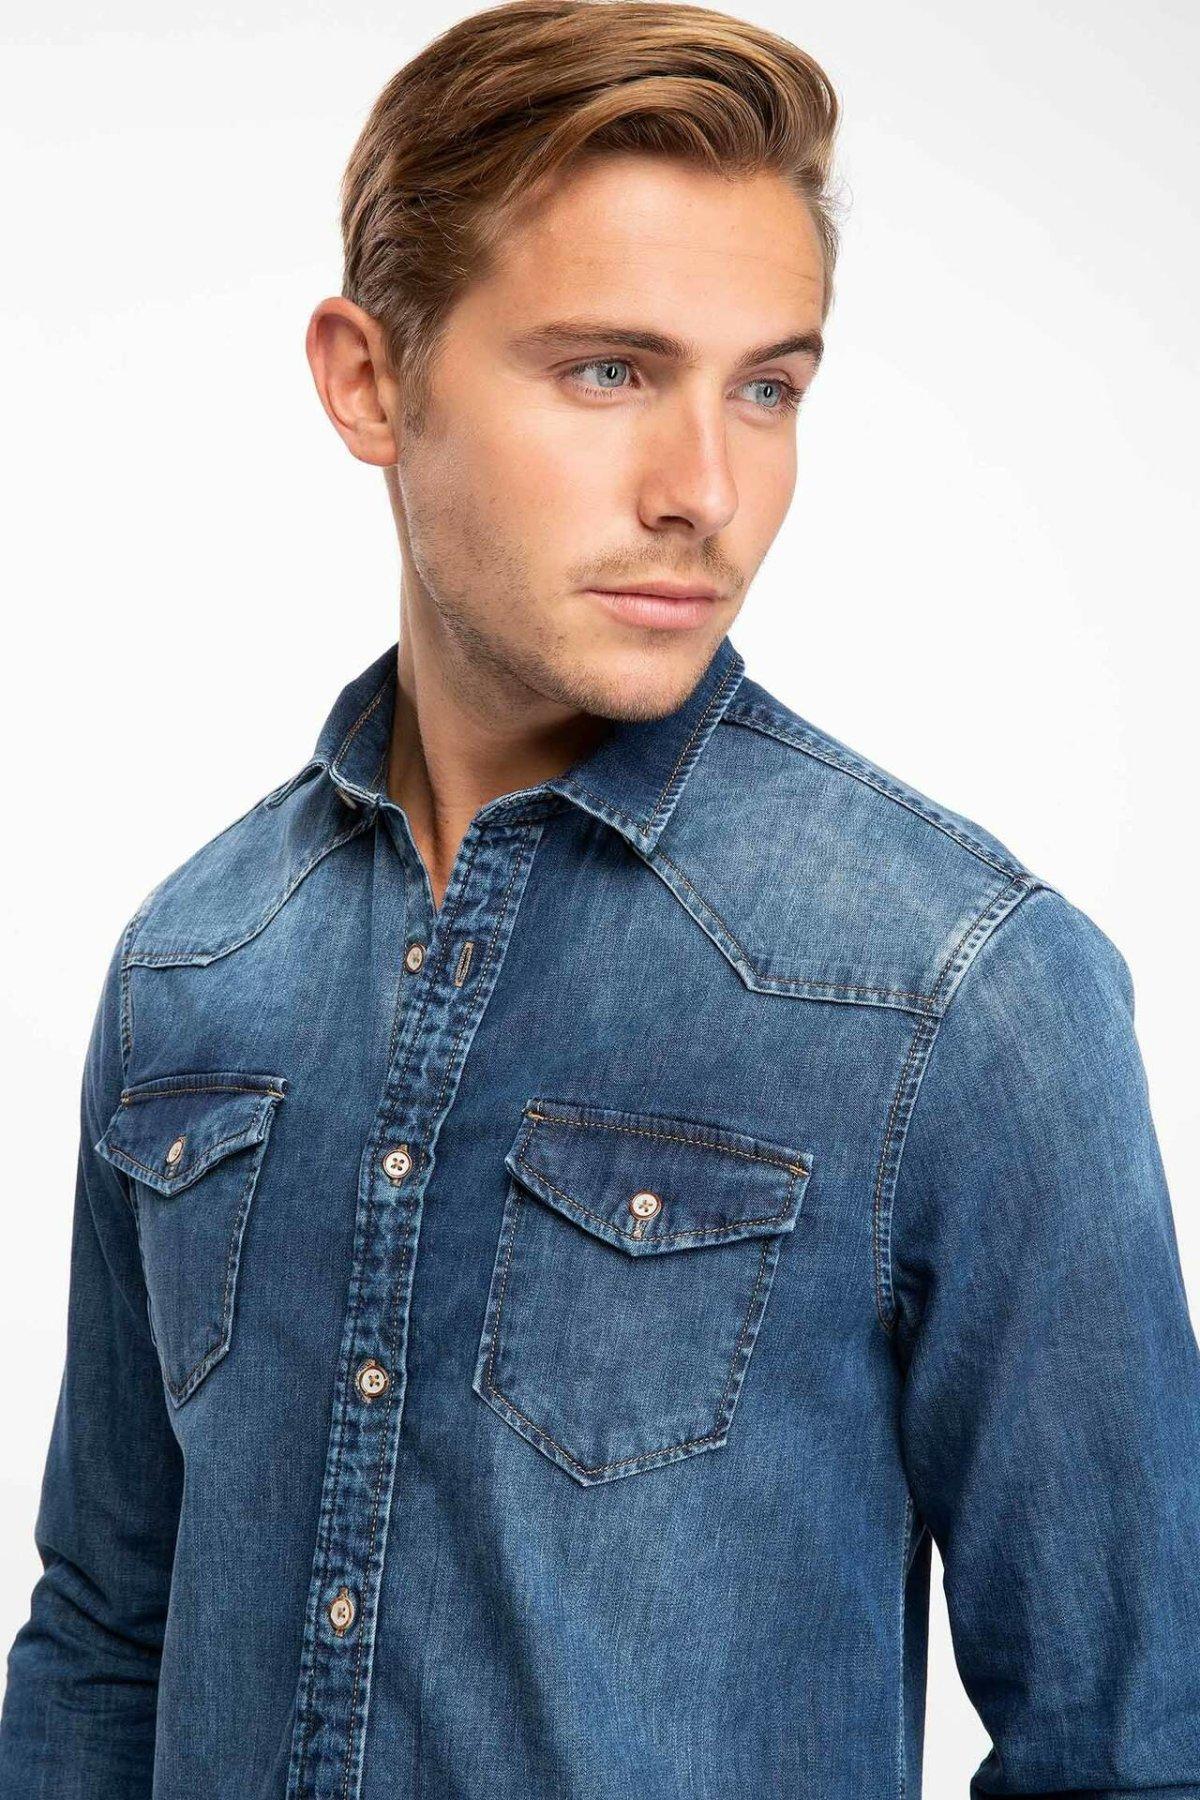 DeFacto Autumn Fashion Man Lapel Long Sleeve Jeans Shirt Men Casual Simple Solid Blouser Male Denim Shirts - J3161AZ18WN